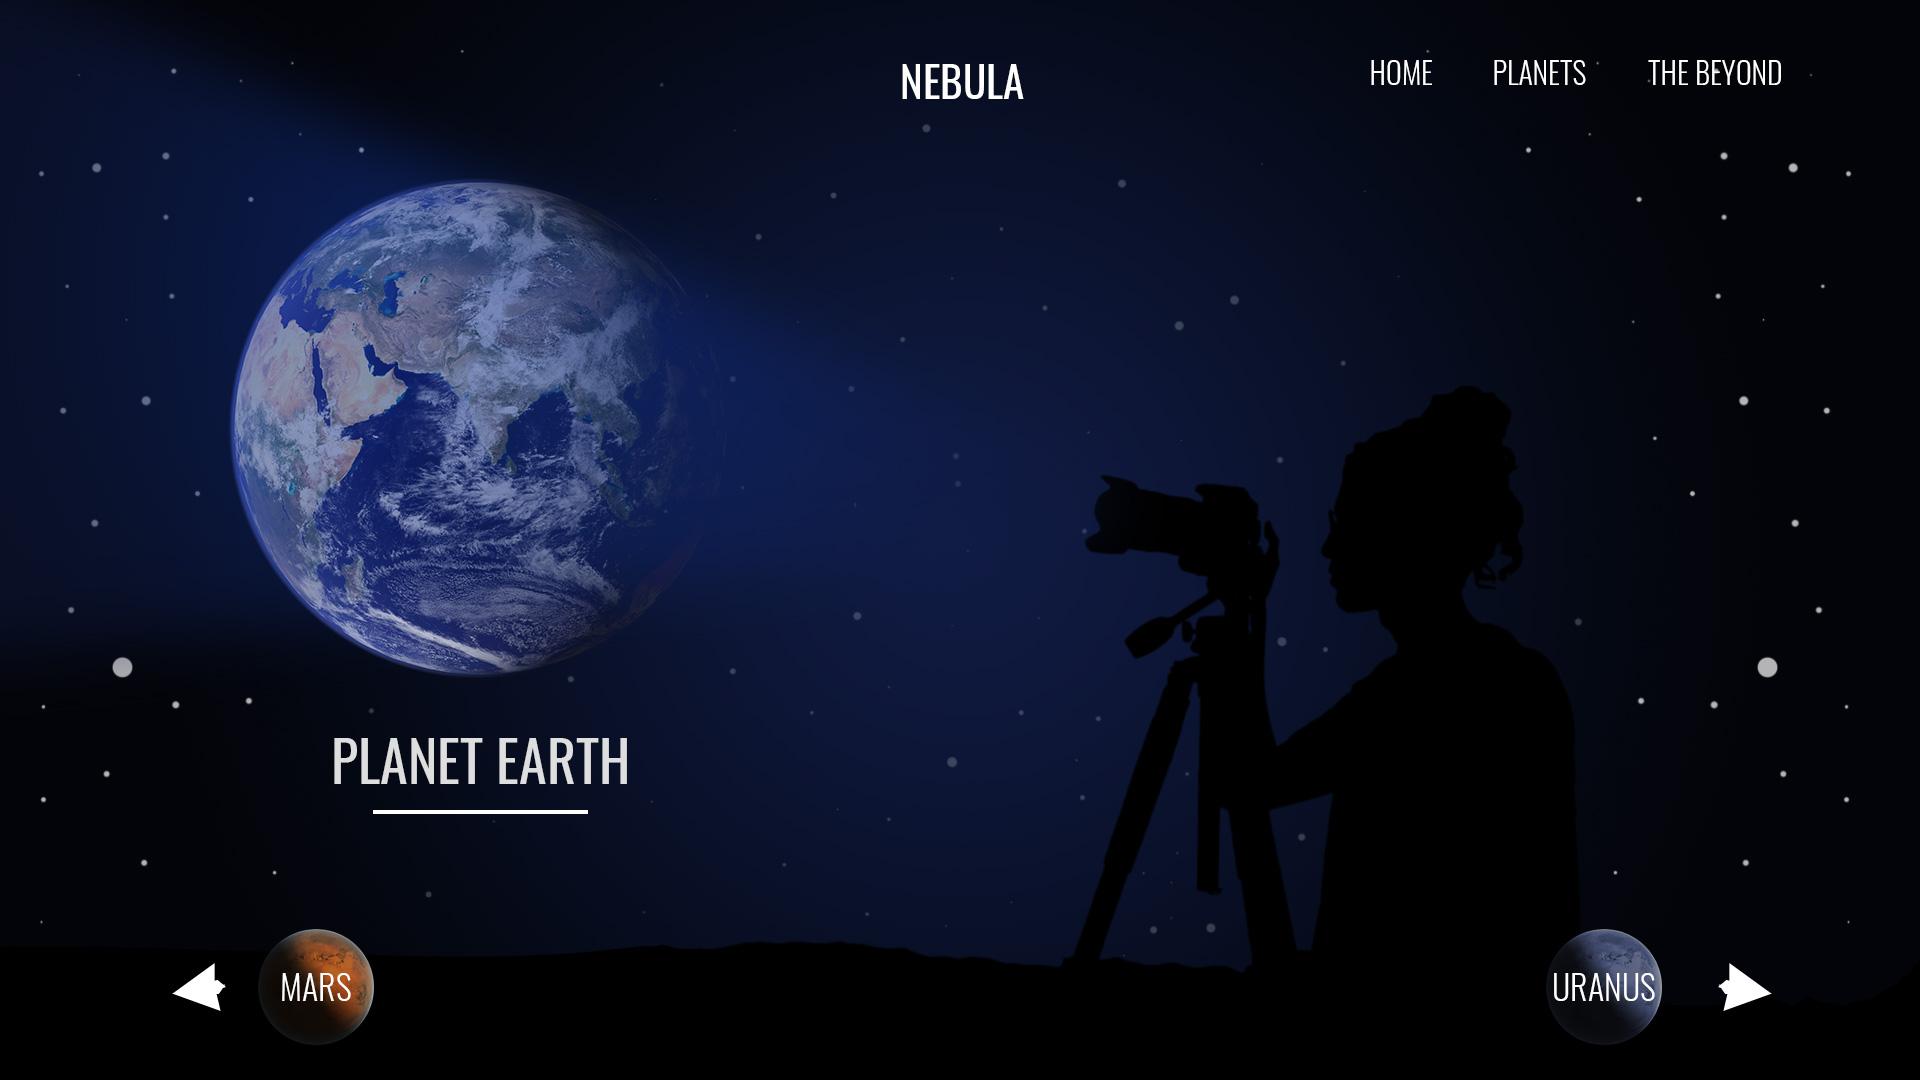 Neb-1.jpg